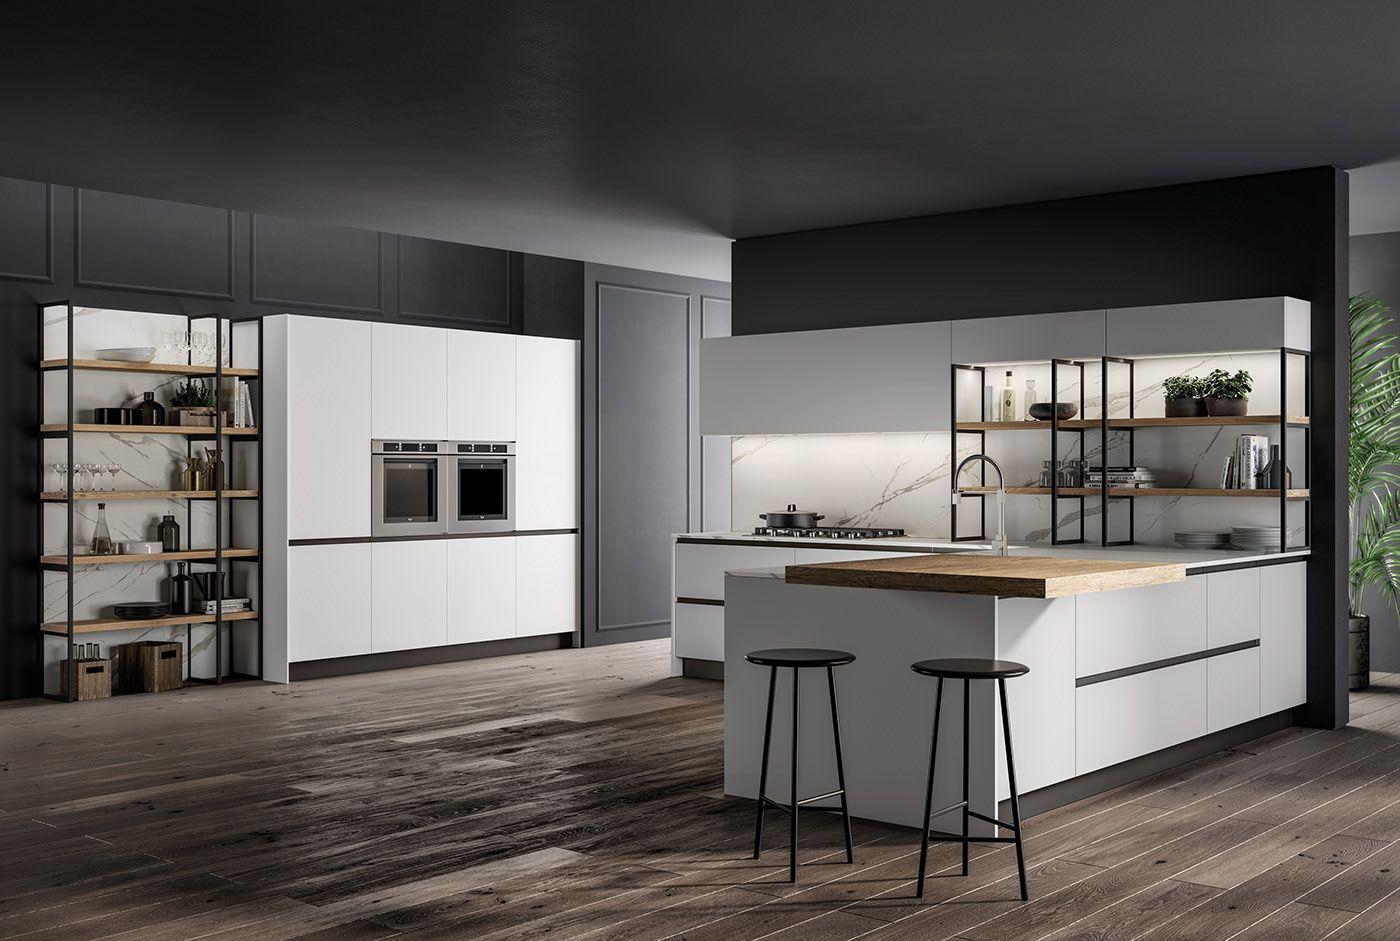 Kitchen 2019 on Behance in 2020 | Distressed kitchen ...